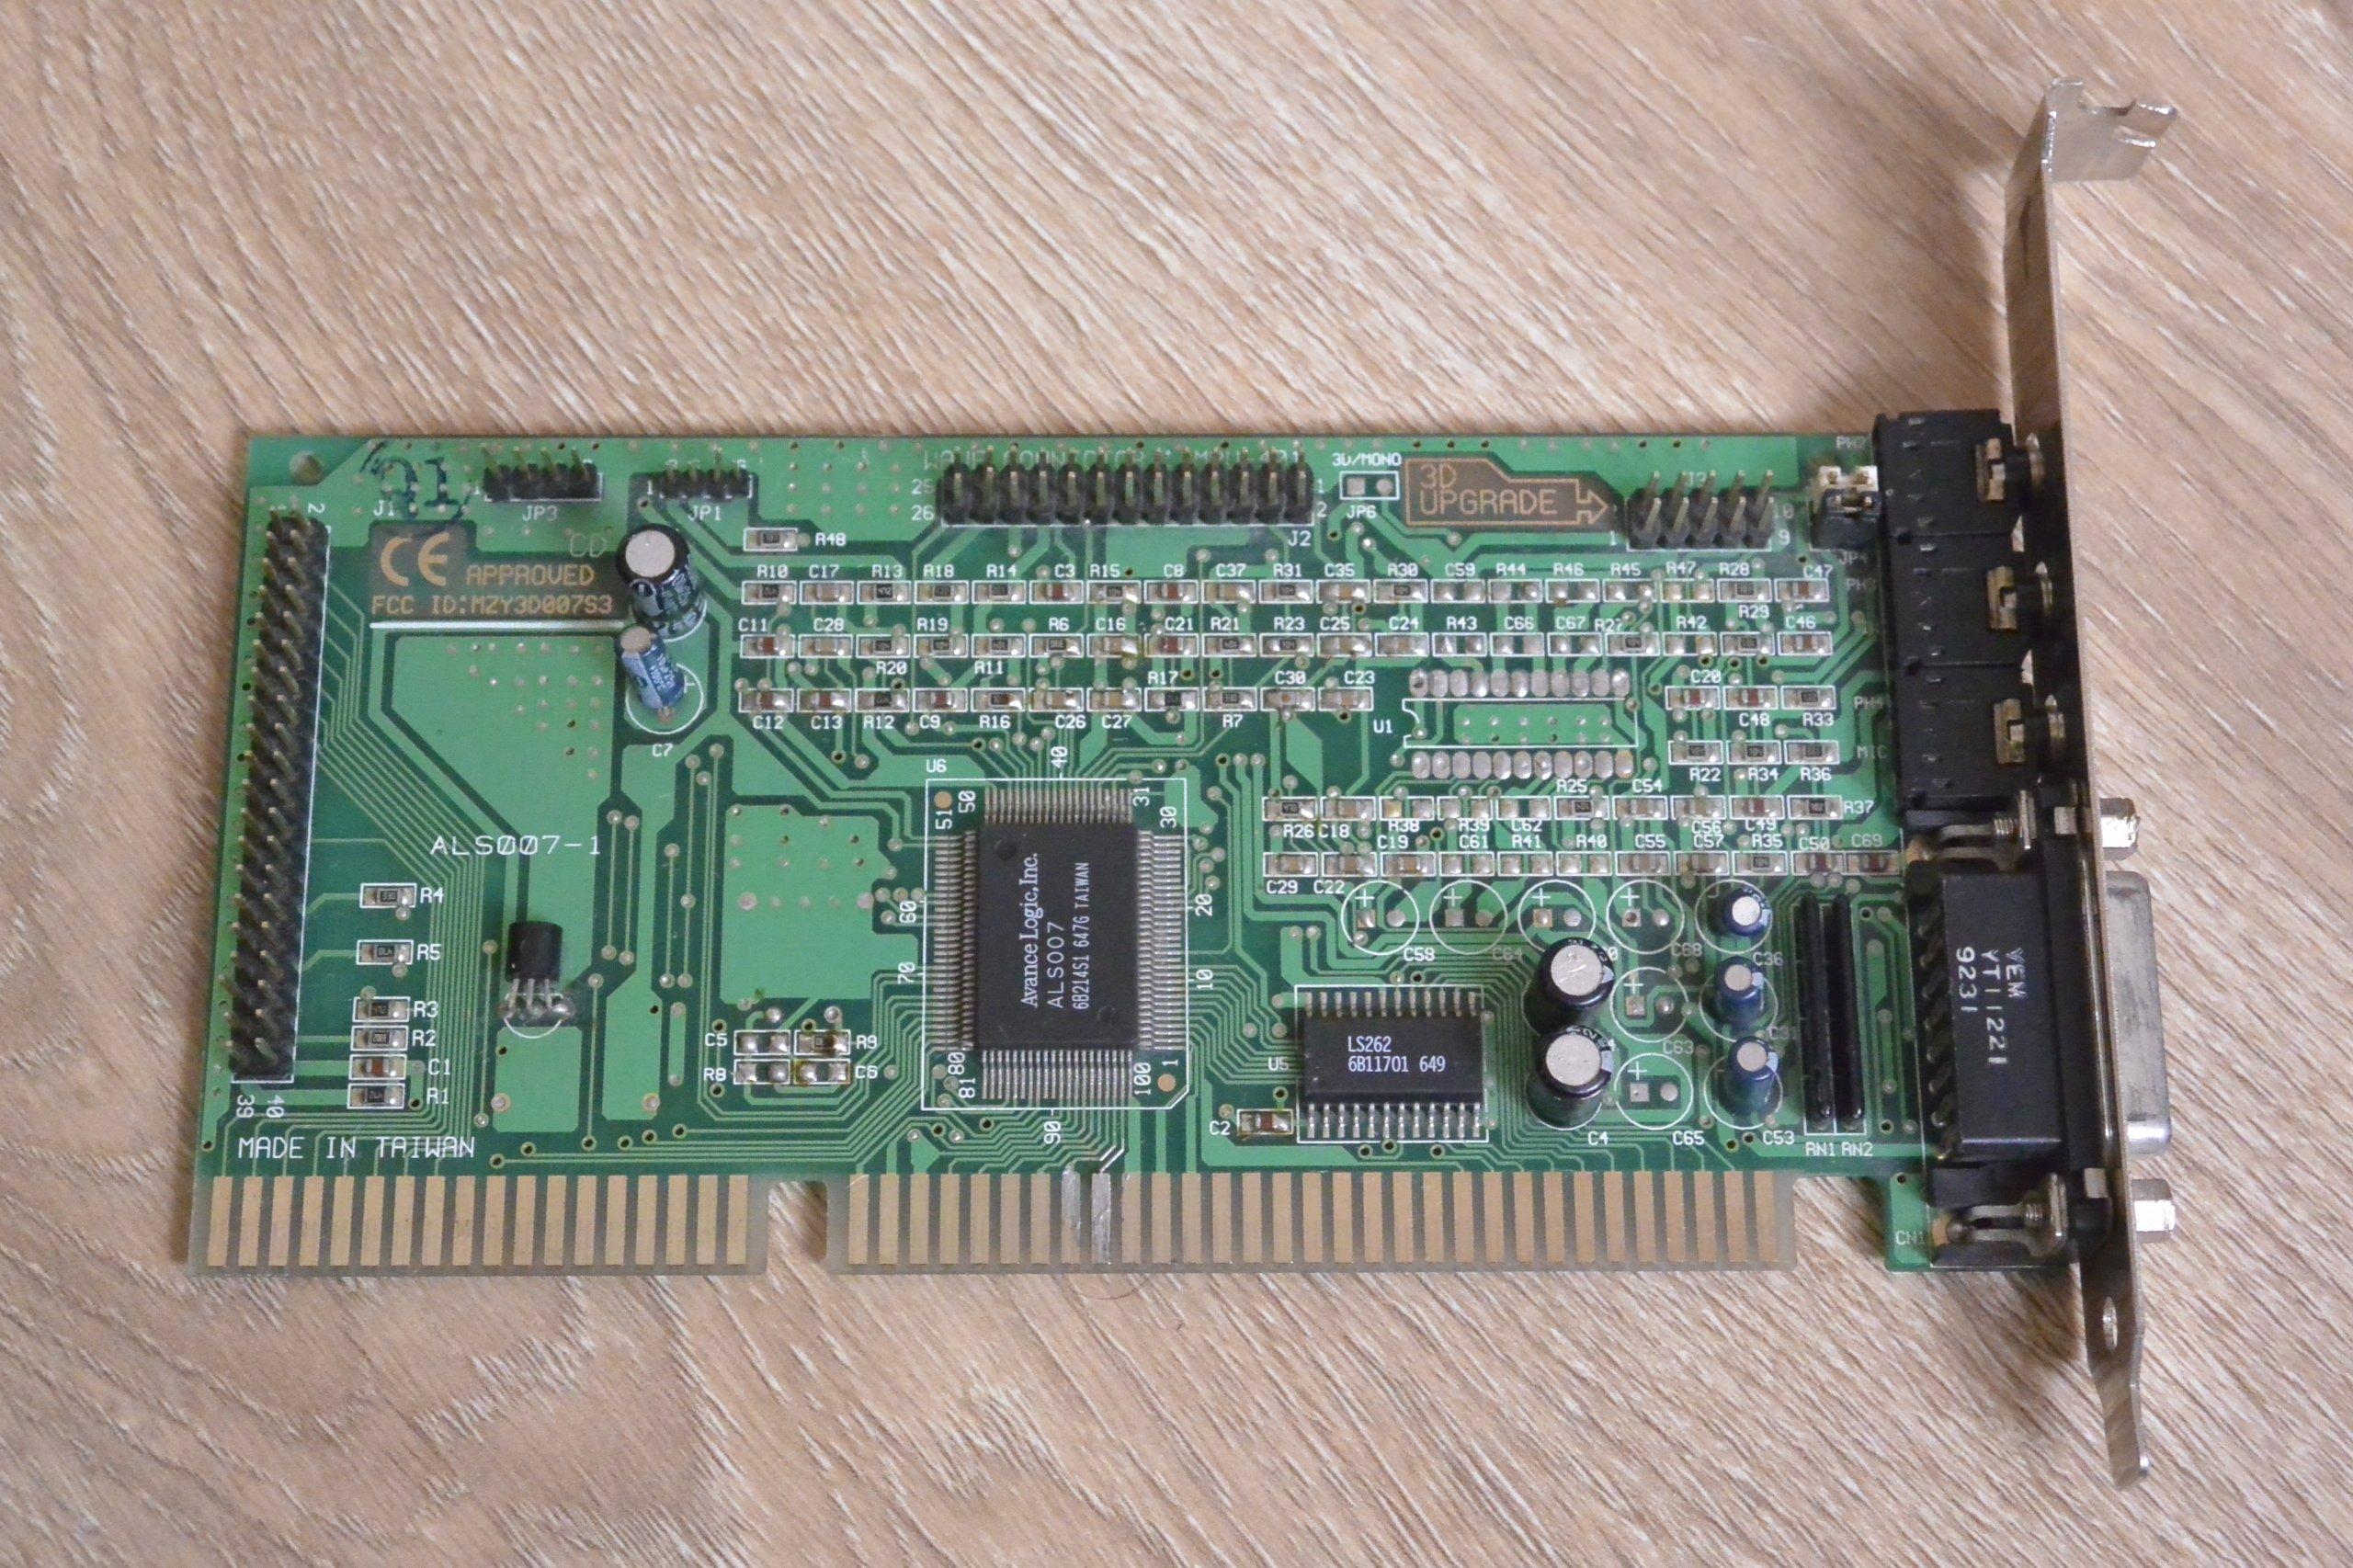 ALS007 WINDOWS 7 X64 DRIVER DOWNLOAD